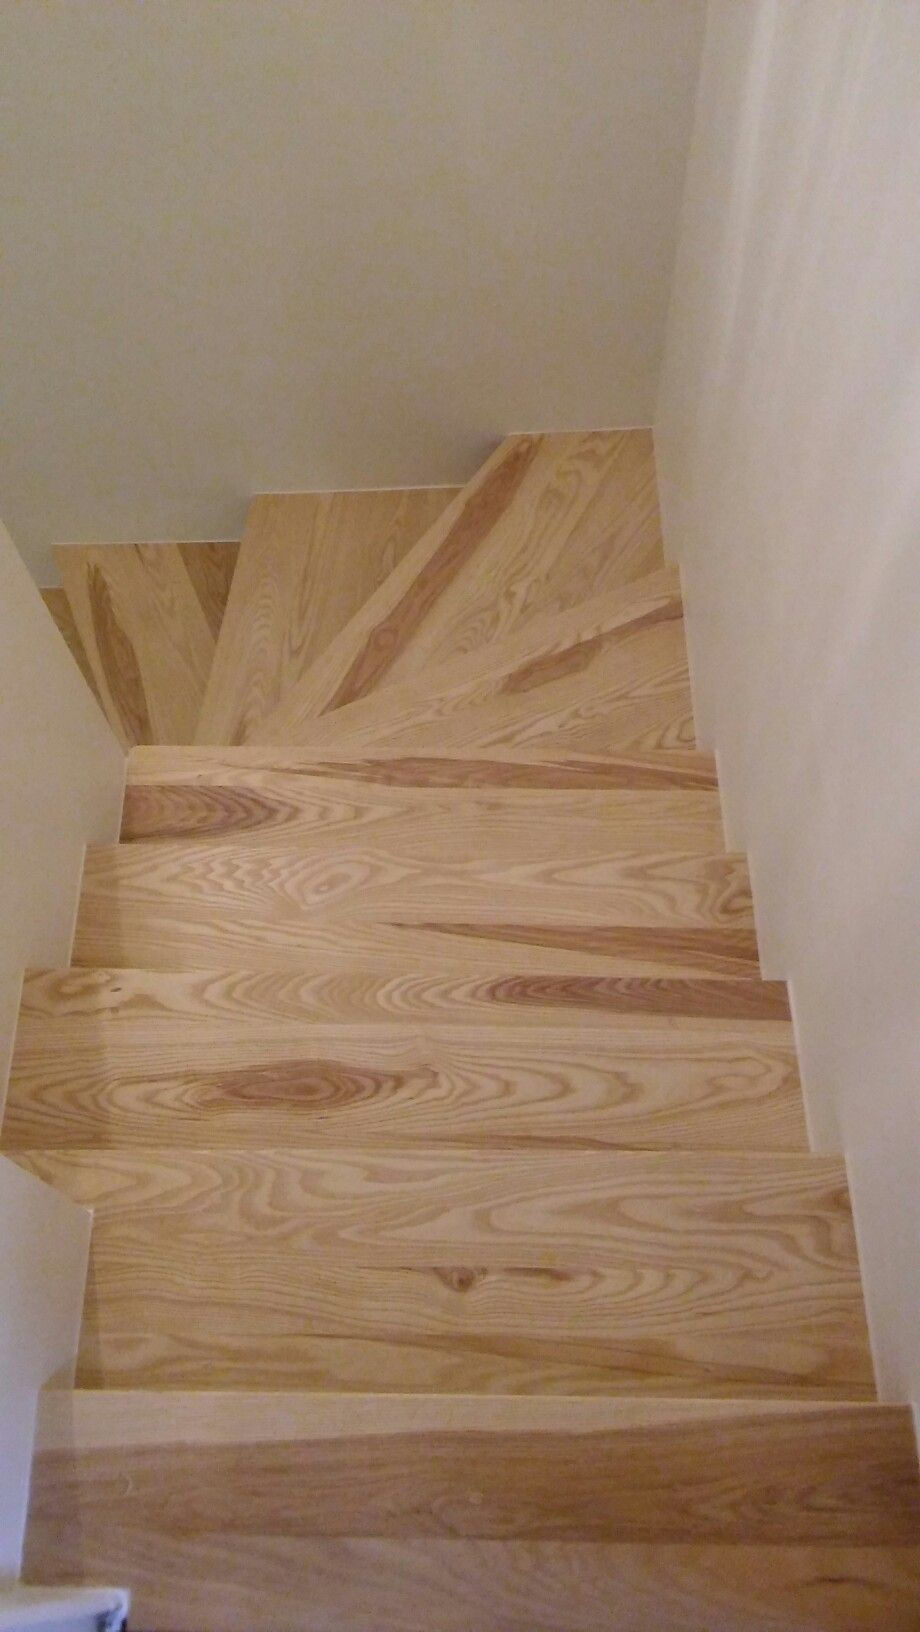 Escalier Frene Met Afbeeldingen